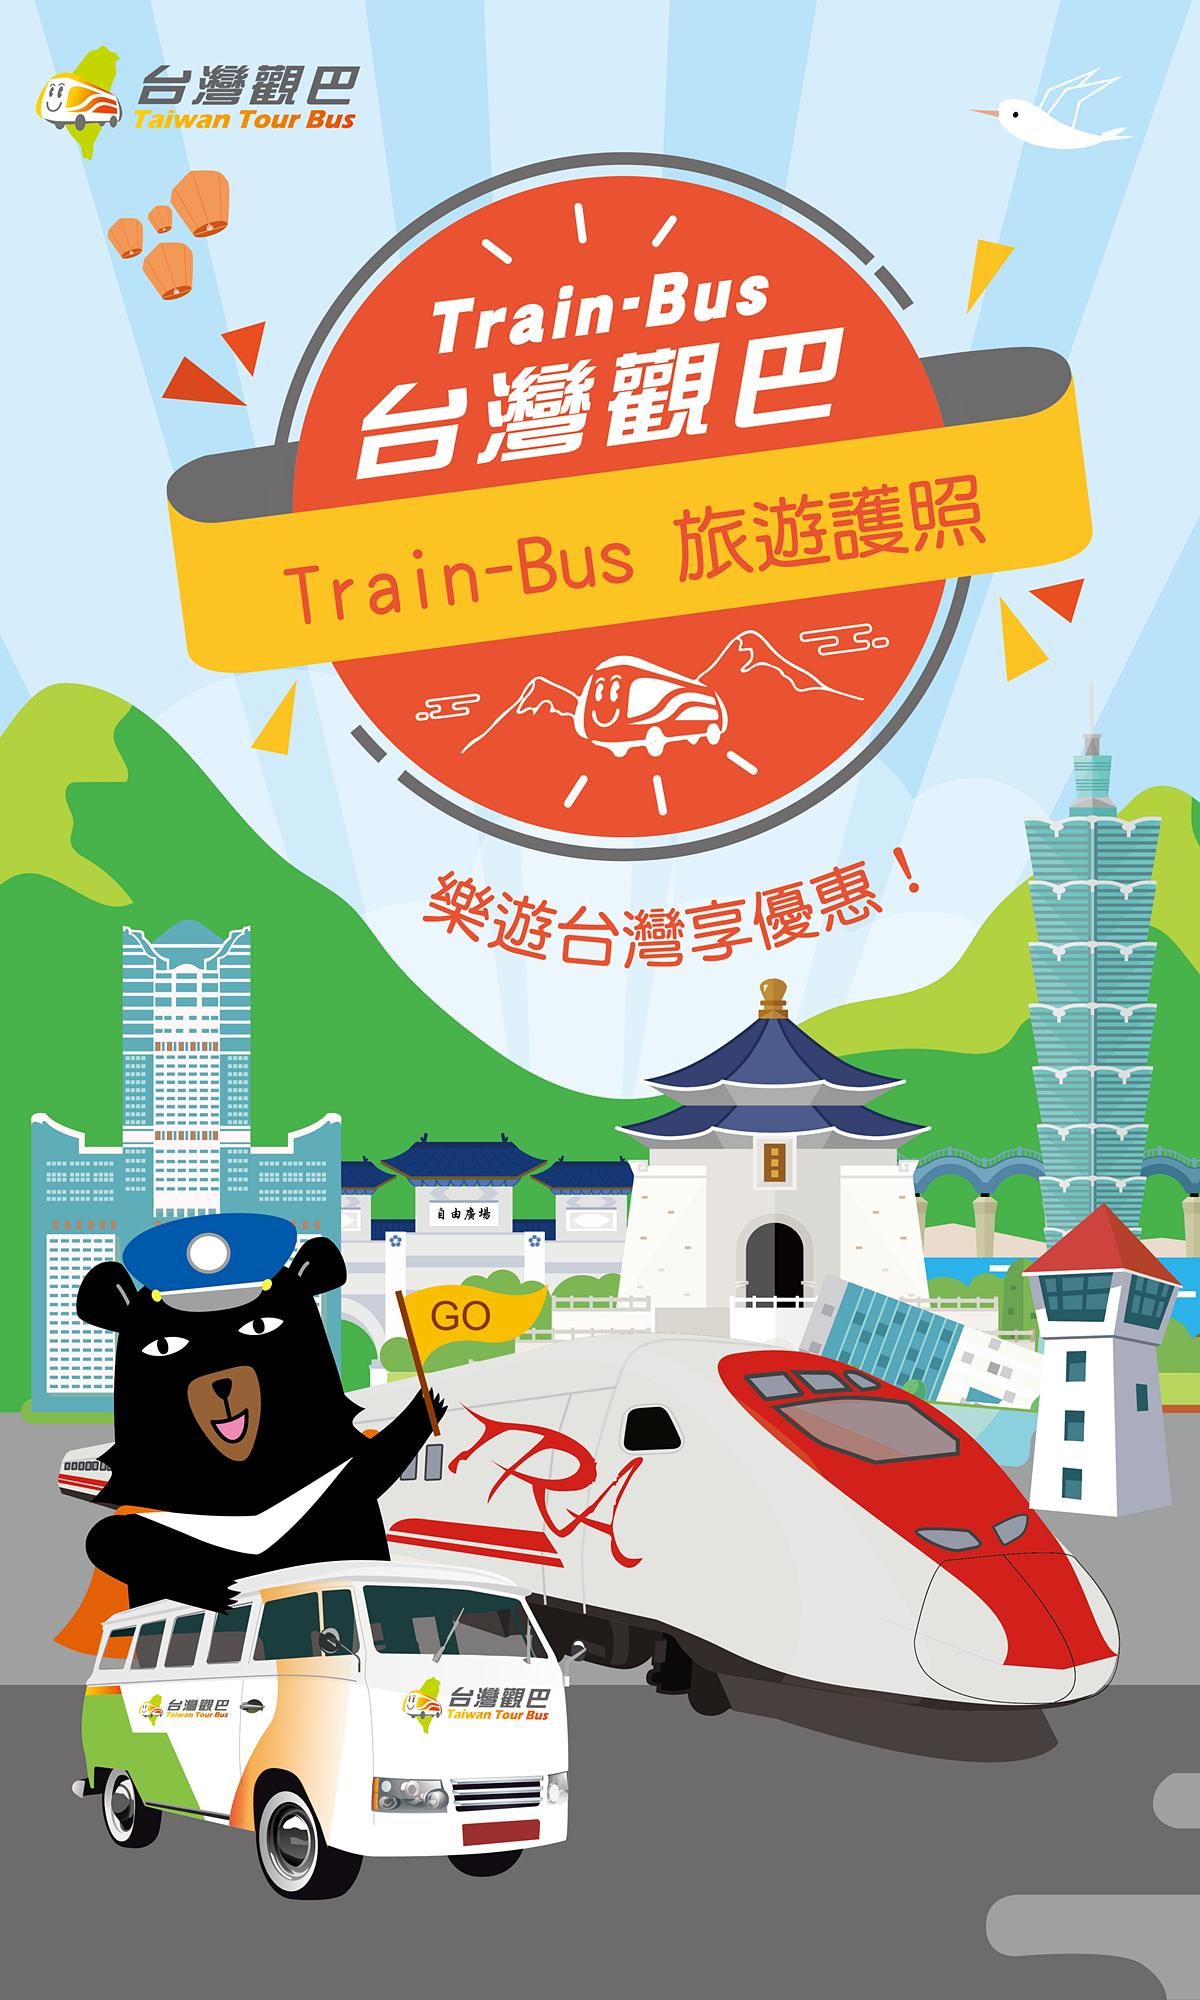 台灣觀光巴士護照,台灣觀巴護照